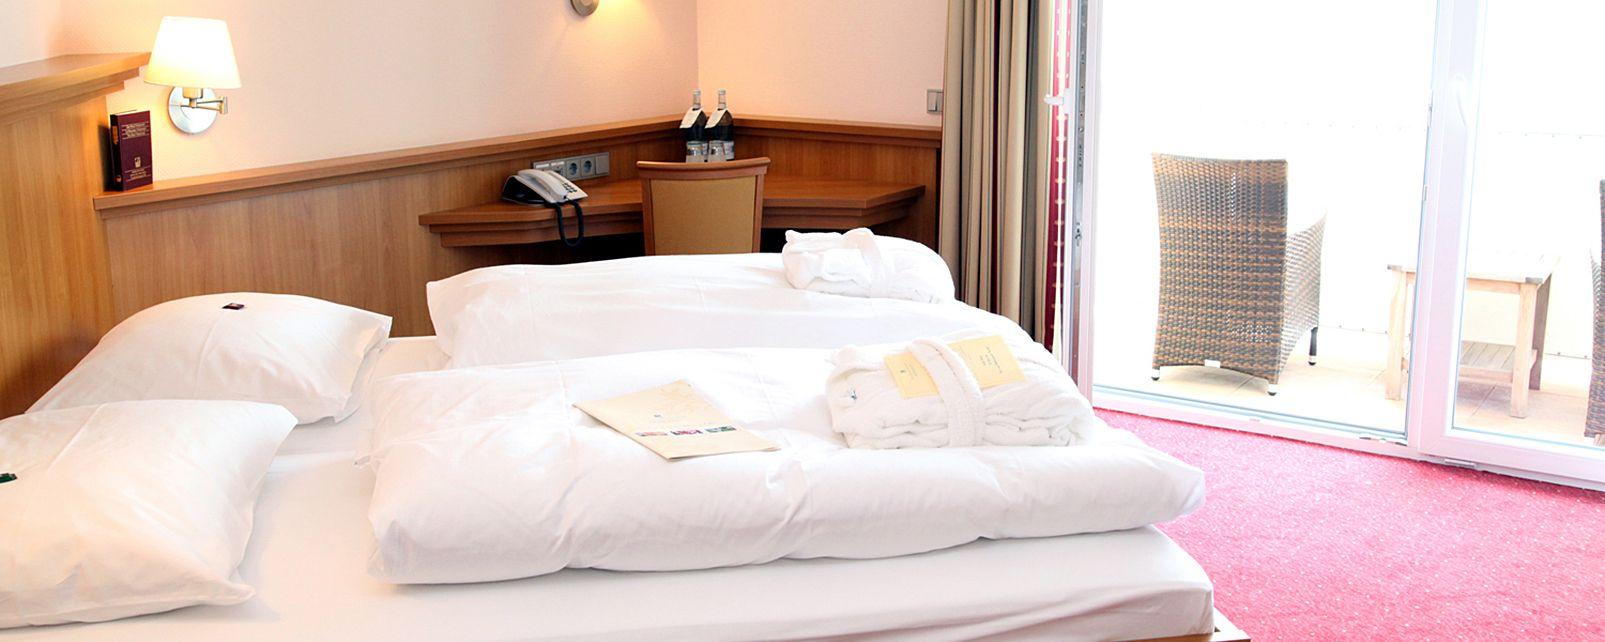 Hotel Kur- und Wellnesscenter Mönchgut Akzent Waldhotel Göhren